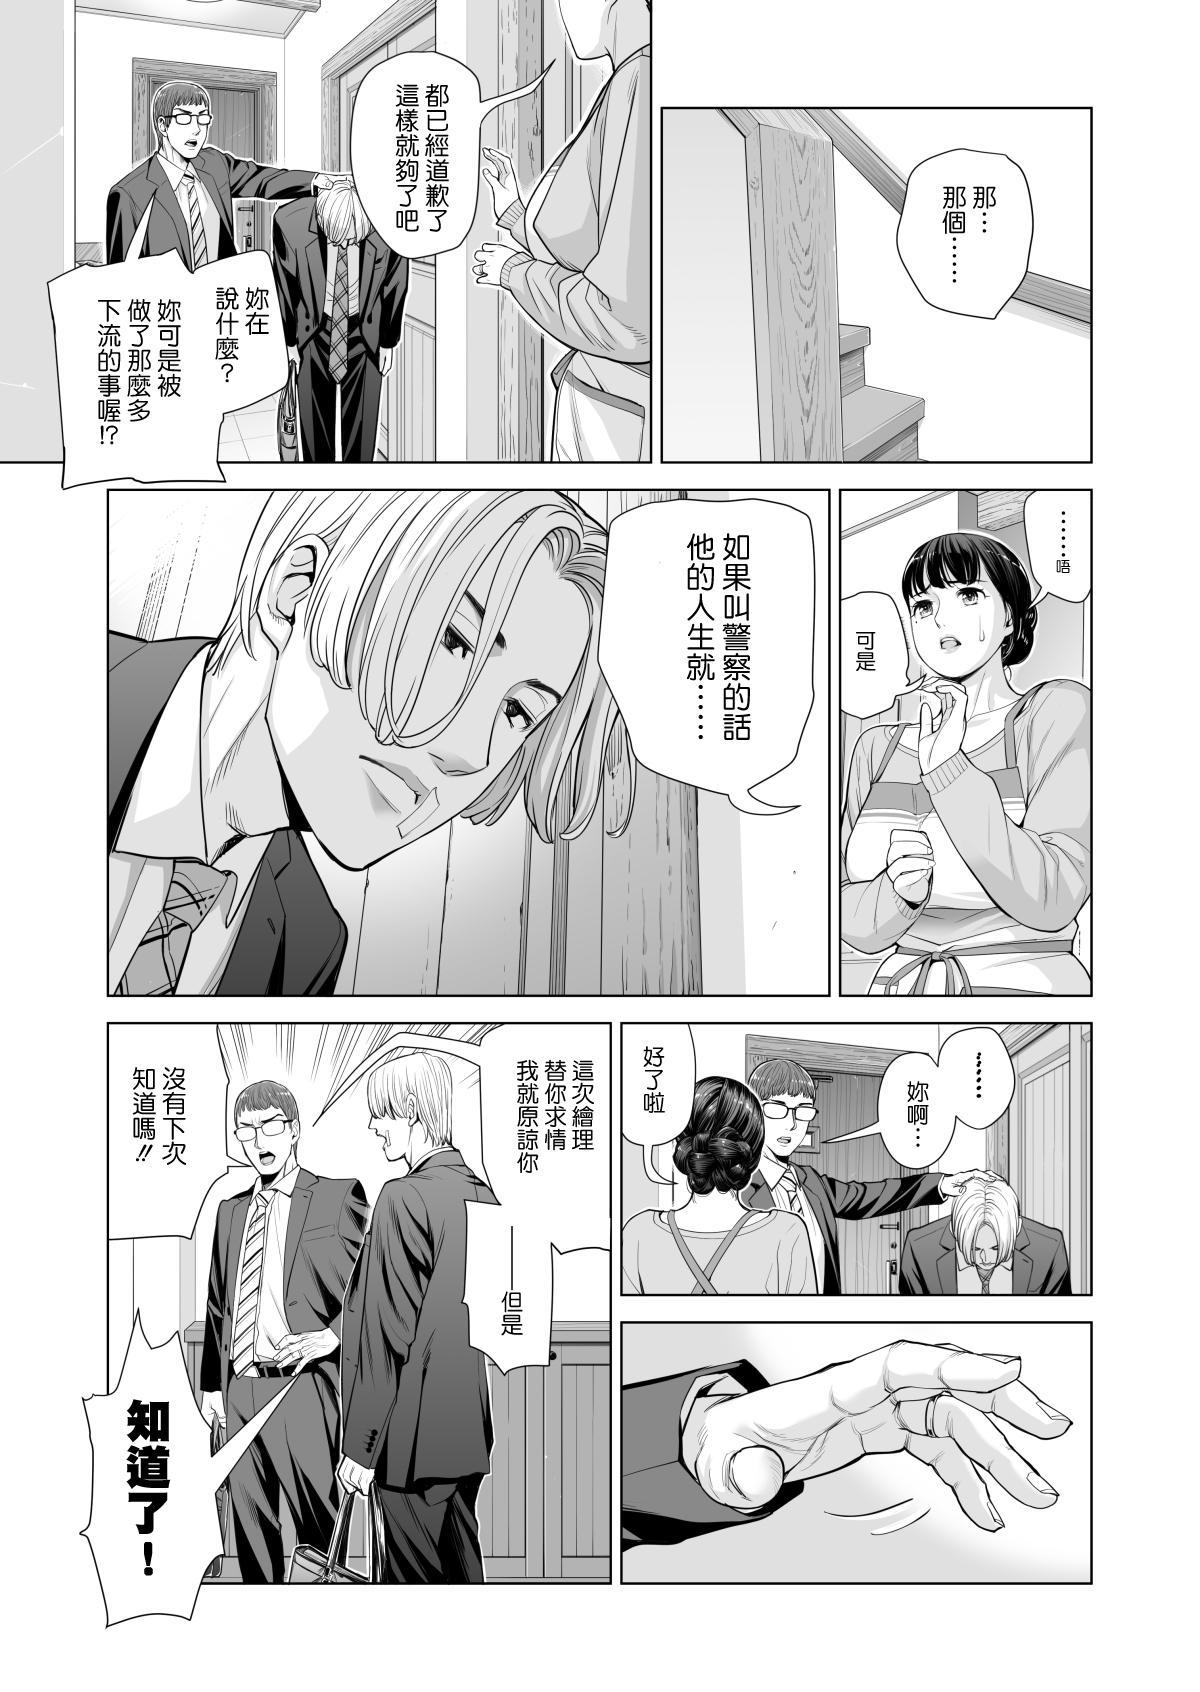 [HGT Lab (Tsusauto)] Tsukiyo no Midare Zake ~Hitozuma wa Yoitsubureta Otto no Soba de Douryou ni Netorareru~ Kouhen (CHINESE) 27